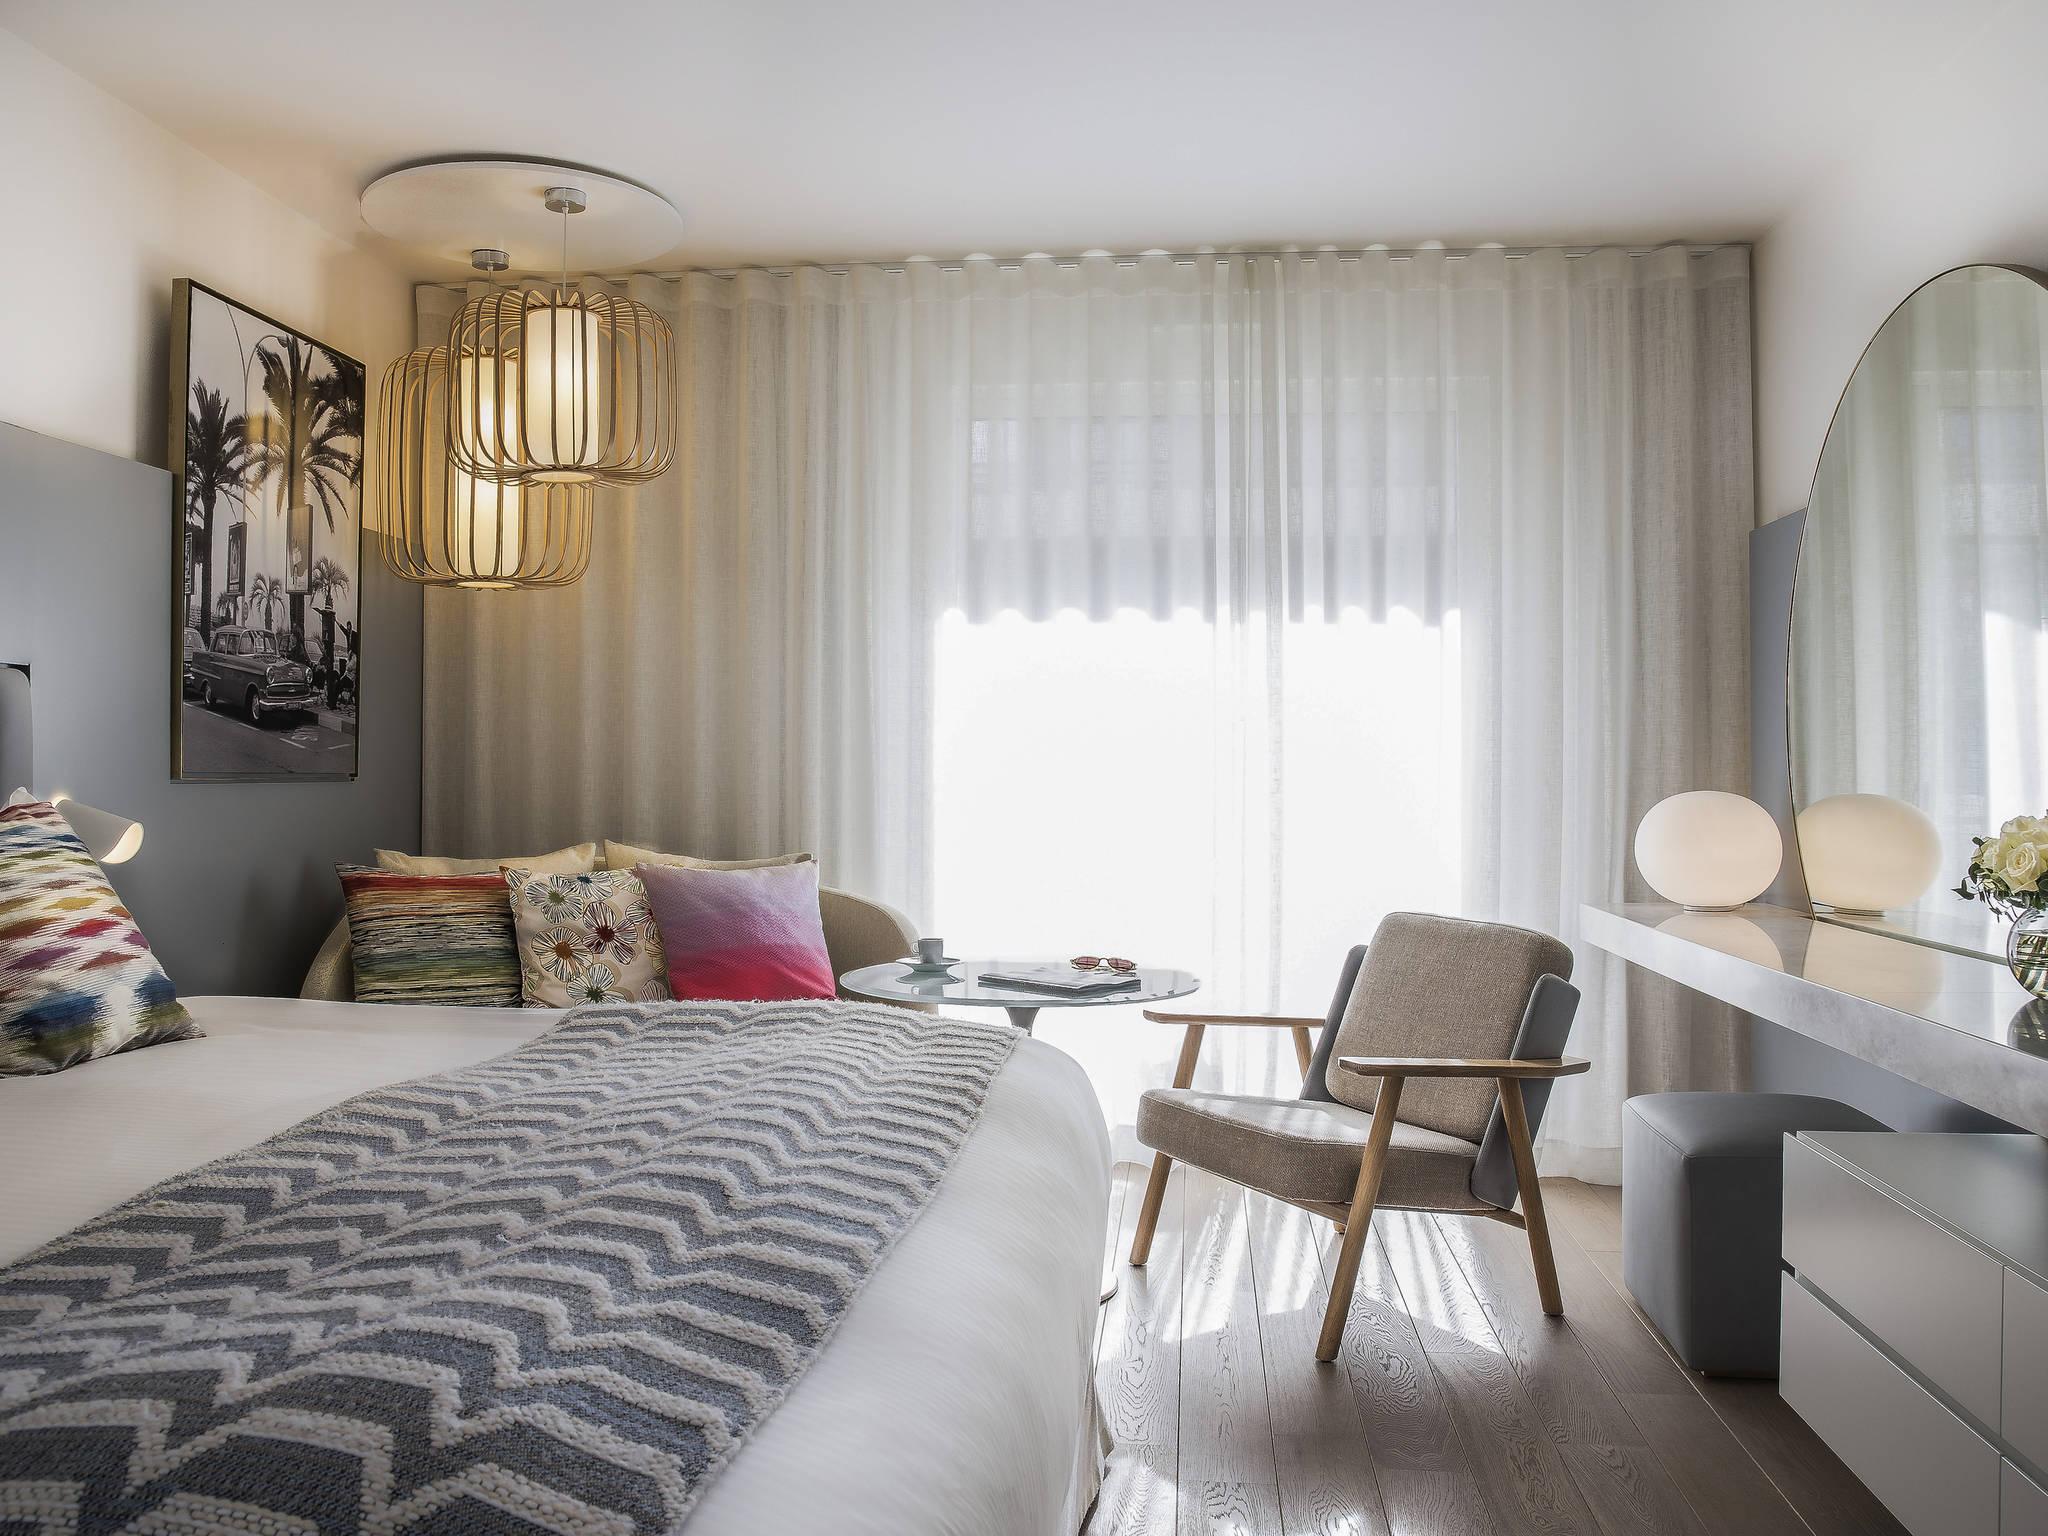 酒店 – 戛纳克鲁瓦塞海滨美居大酒店